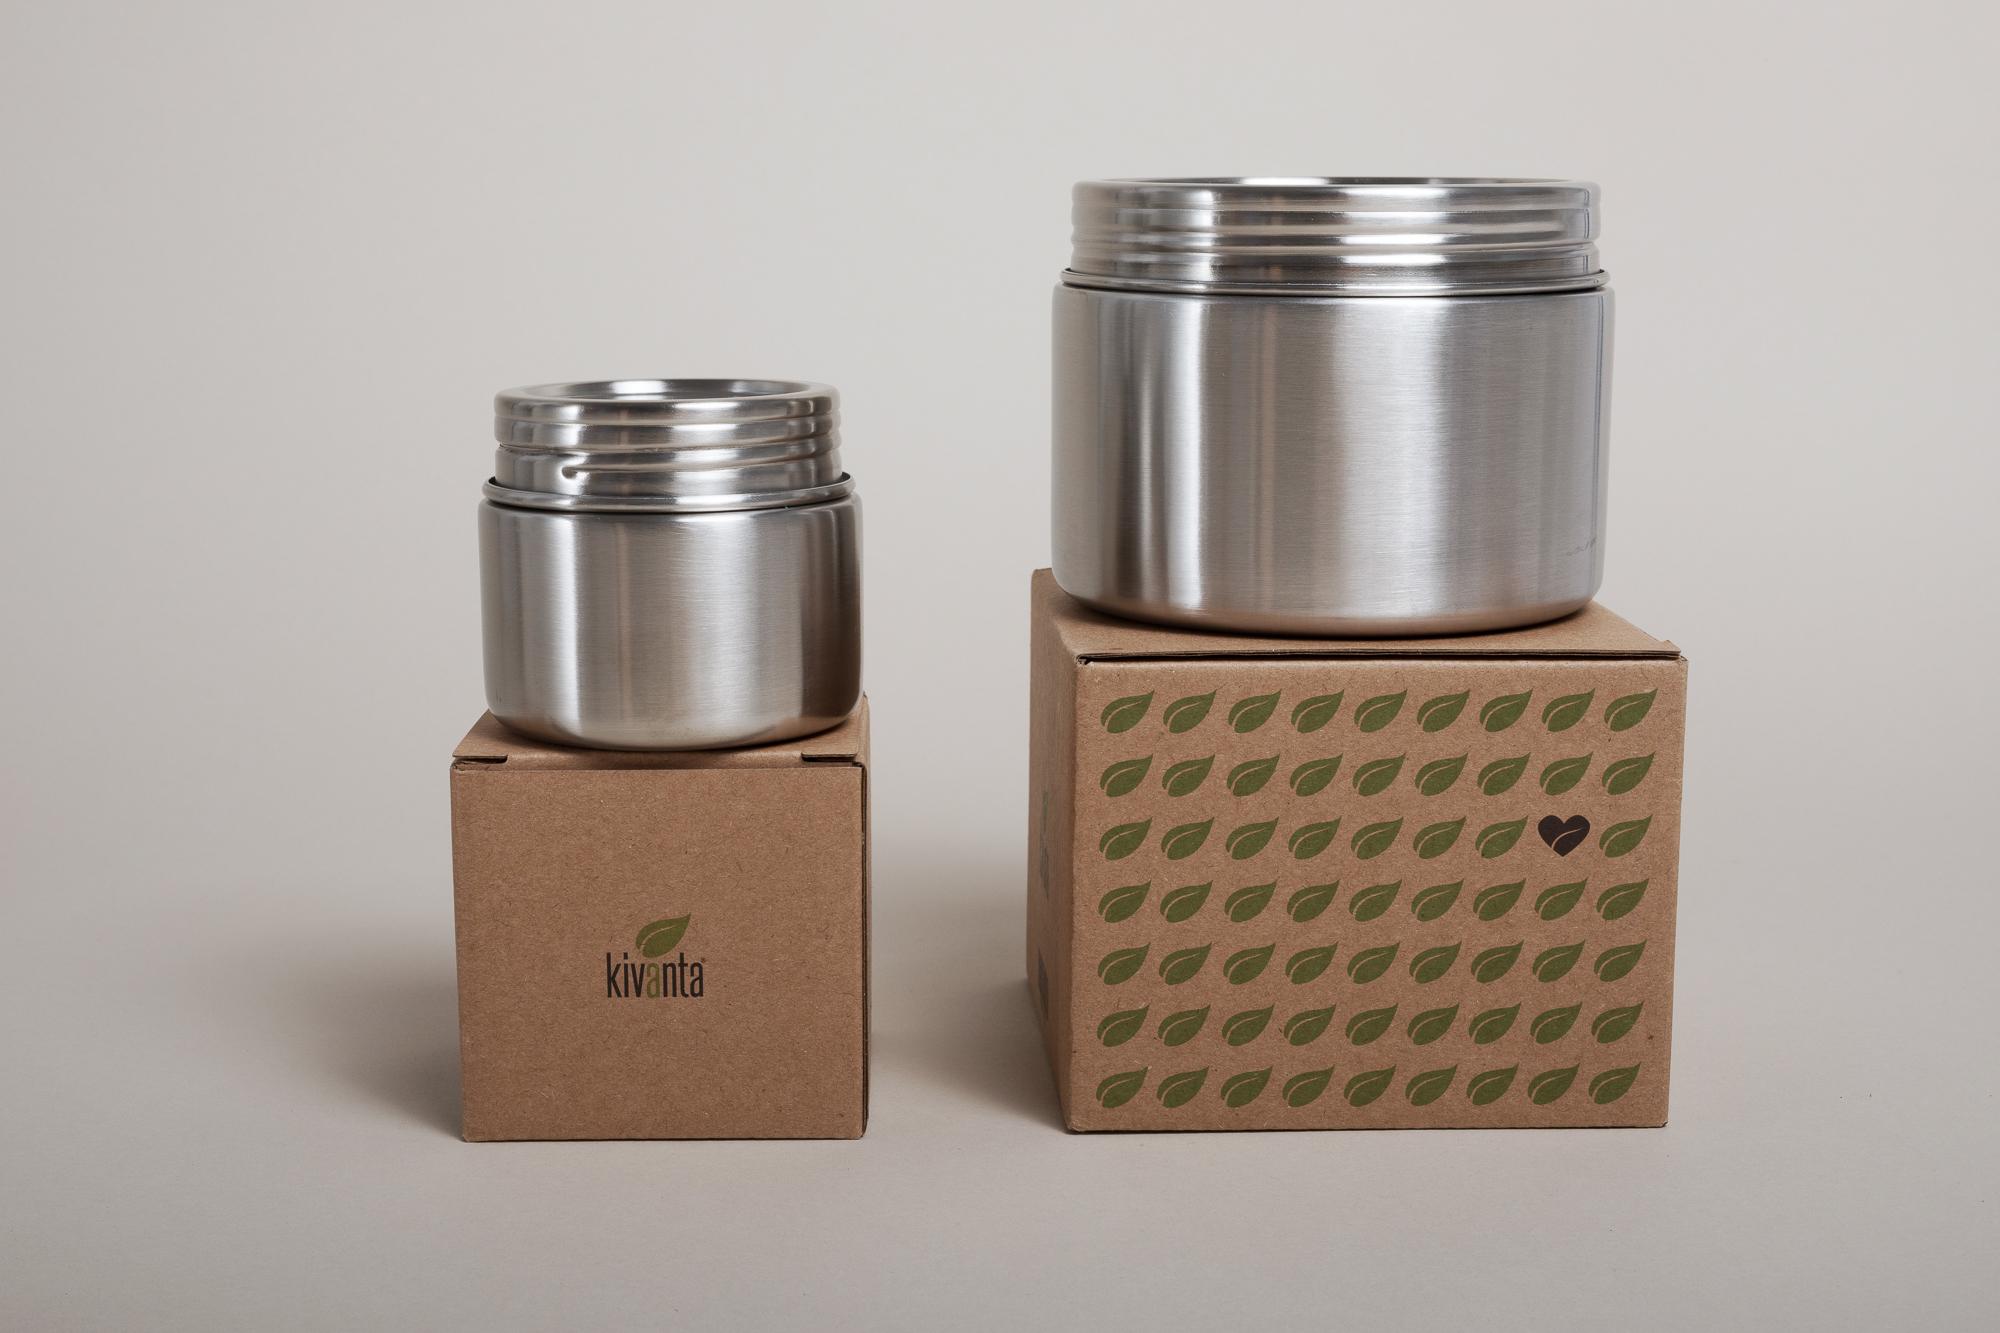 Kivanta - Trinkflaschen, Isolierflasche und Edelstahl-Behälter